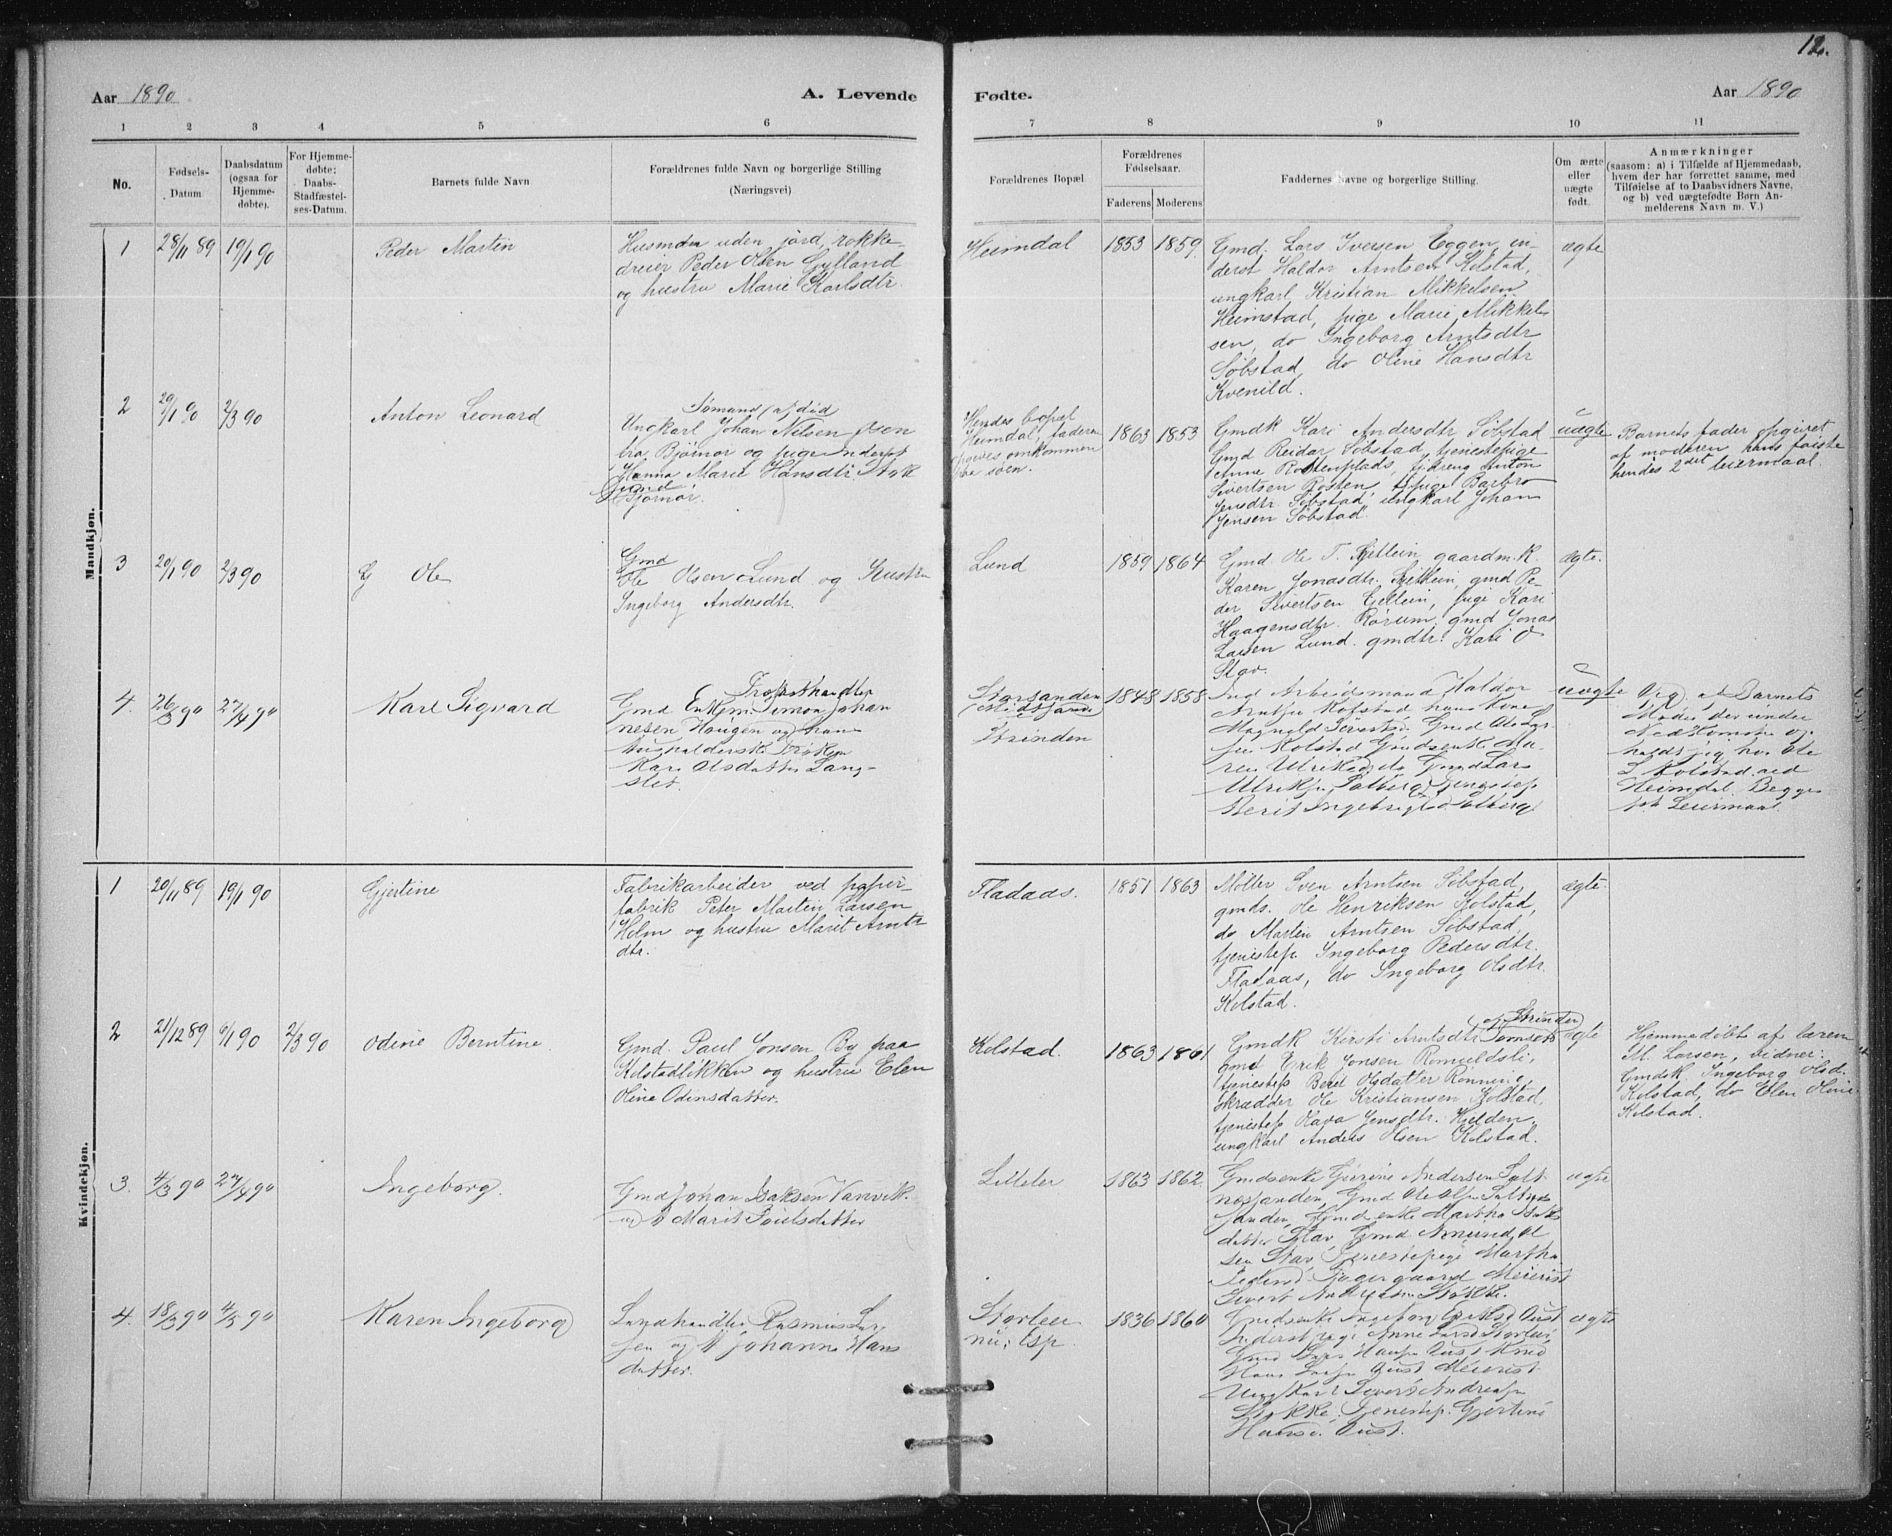 SAT, Ministerialprotokoller, klokkerbøker og fødselsregistre - Sør-Trøndelag, 613/L0392: Ministerialbok nr. 613A01, 1887-1906, s. 12